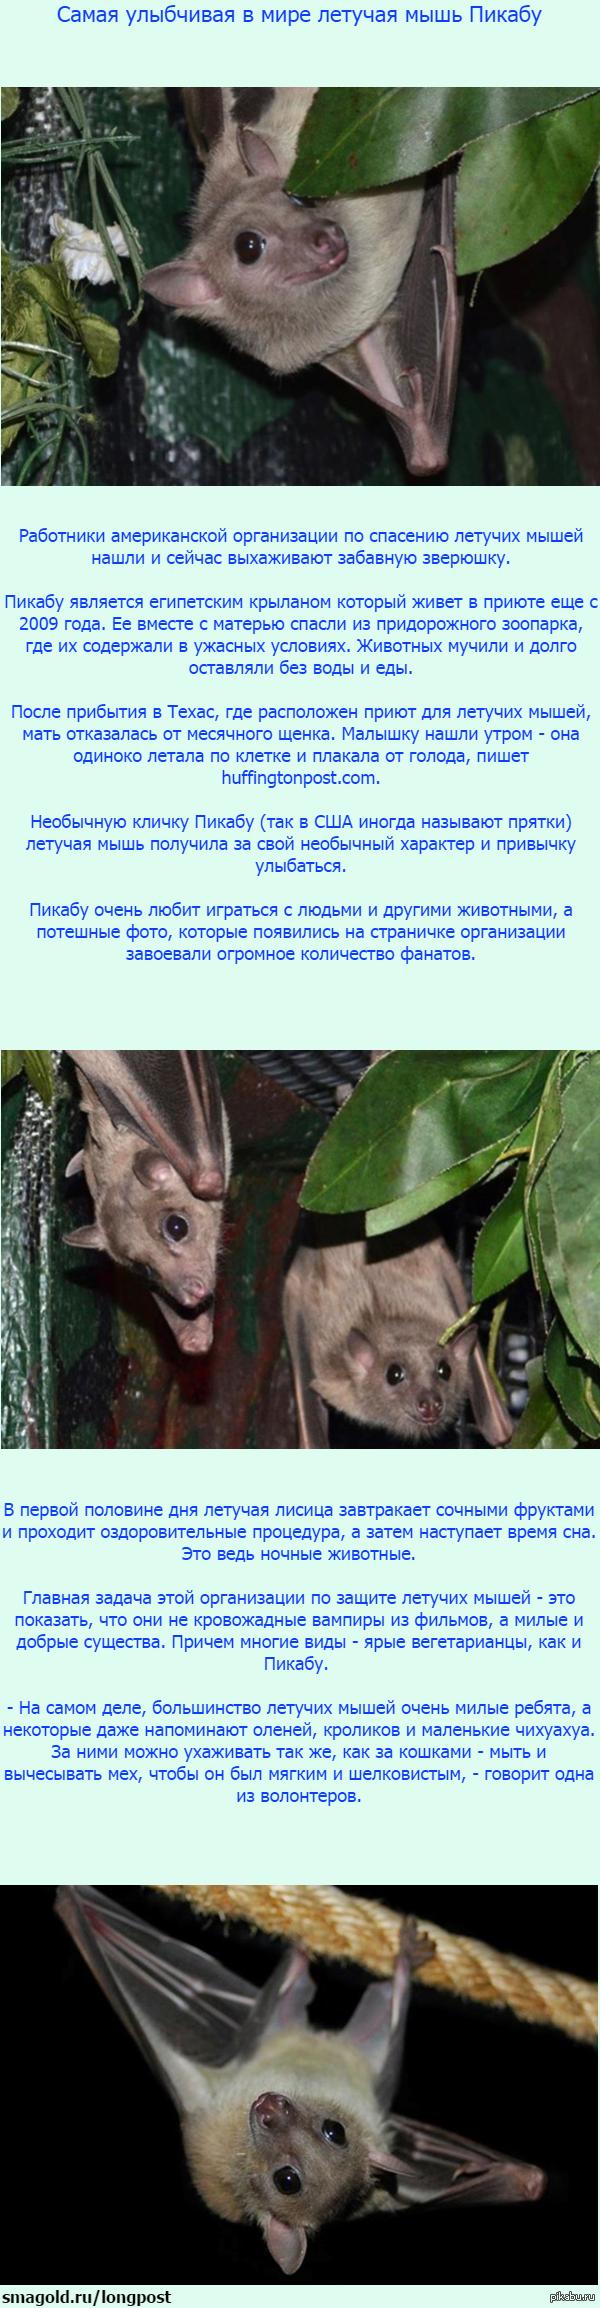 В Техасе живет самая улыбчивая в мире летучая мышь Пикабу